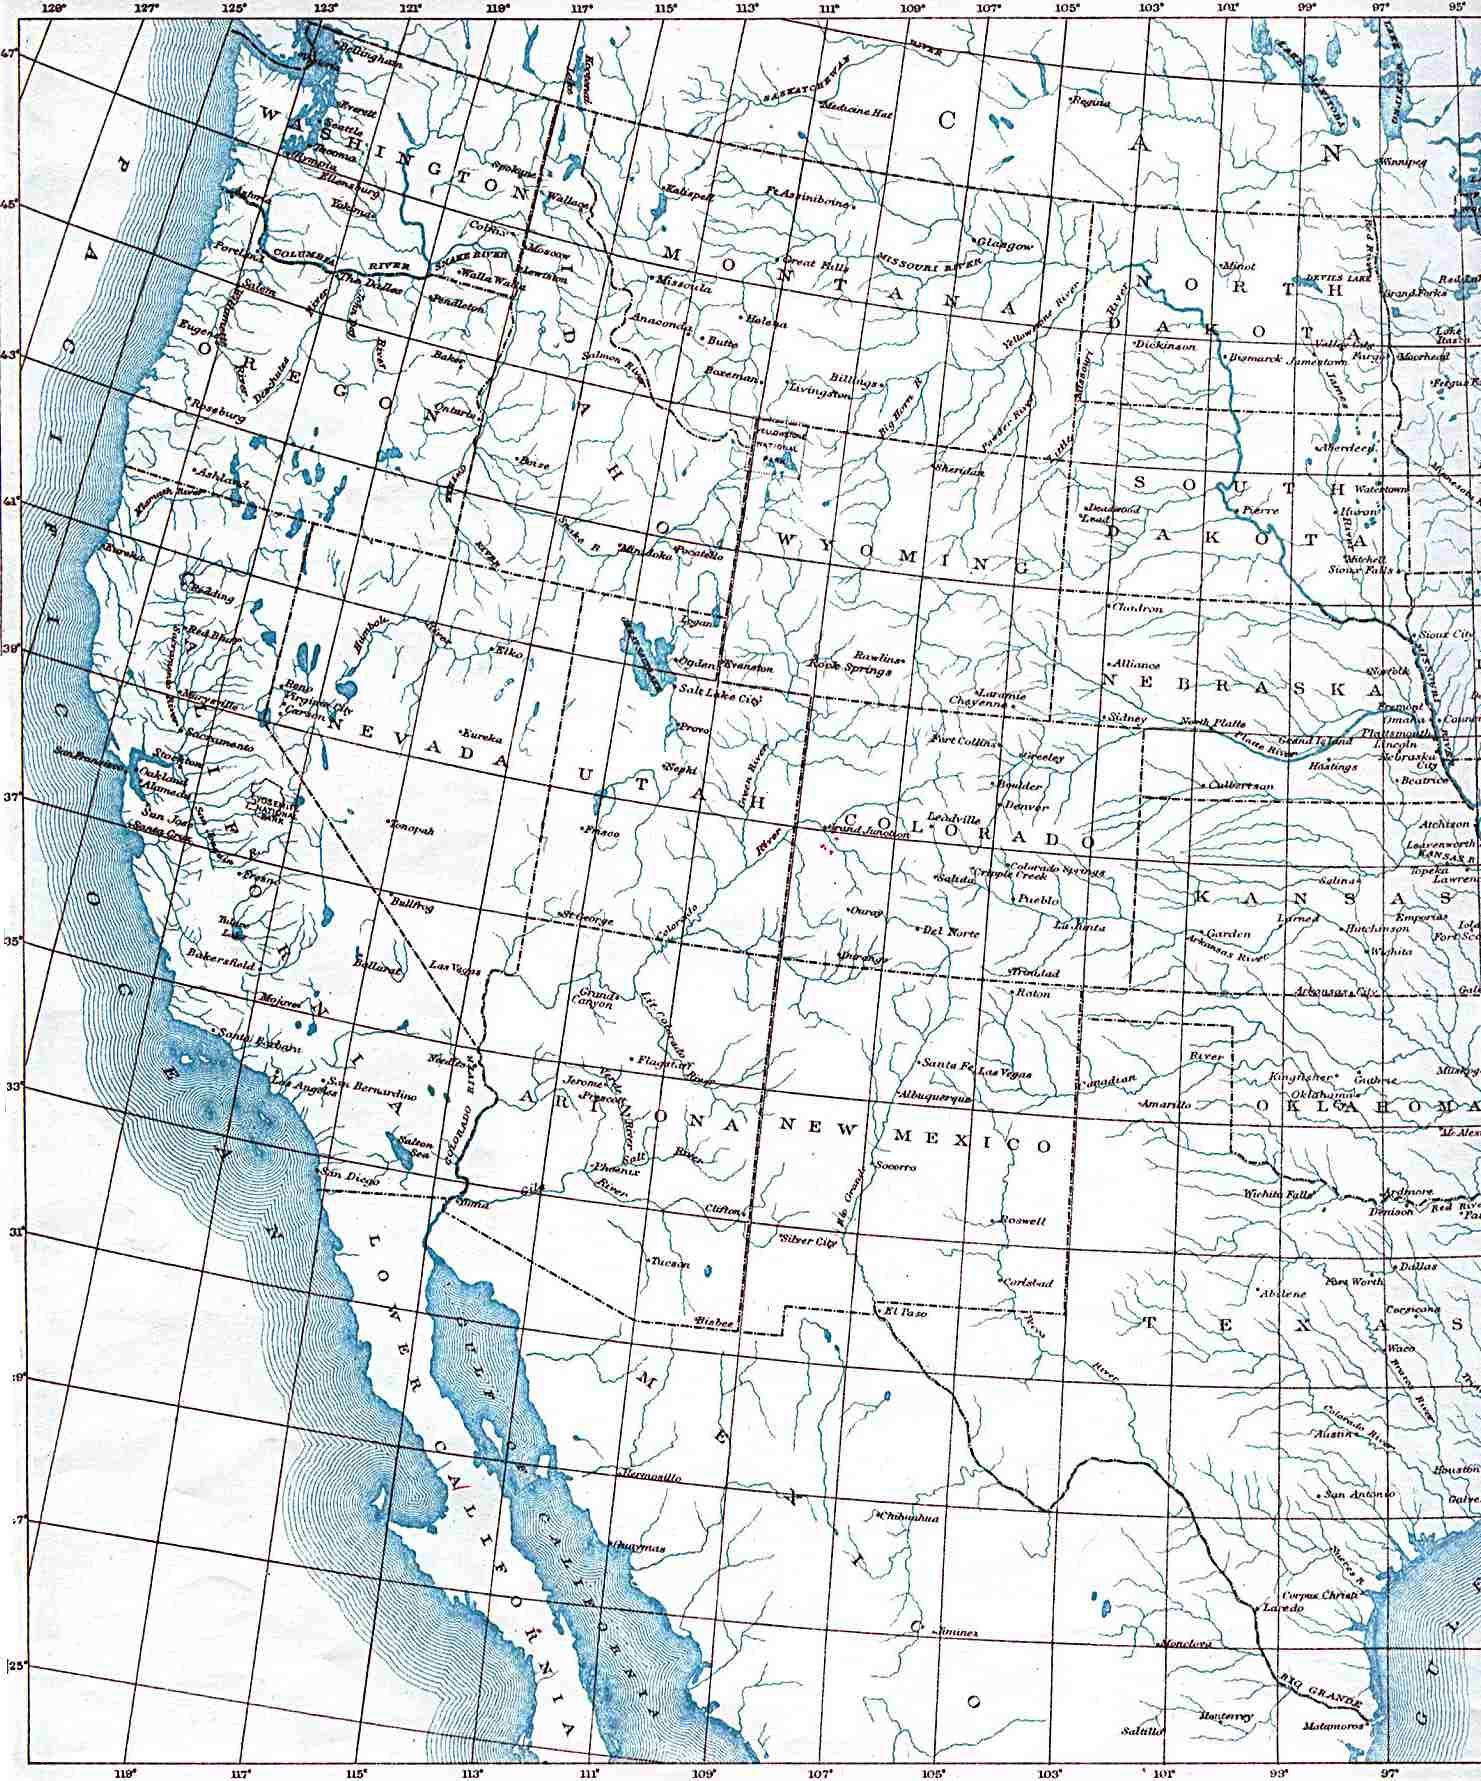 B Utexas Maps United States Us West